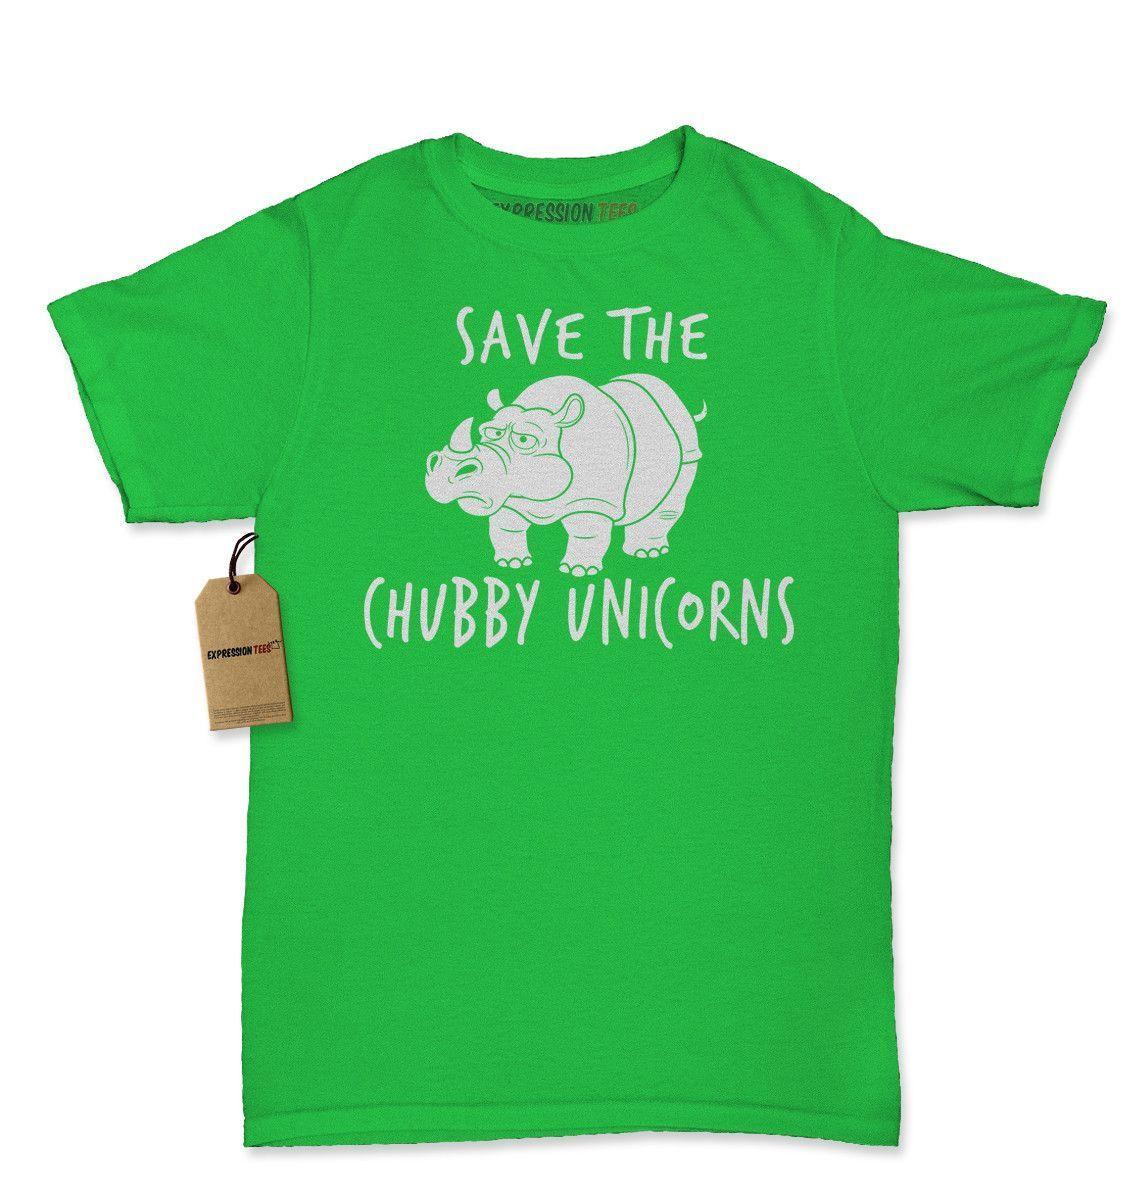 Save The Chubby Unicorns Rhino Womens T-shirt